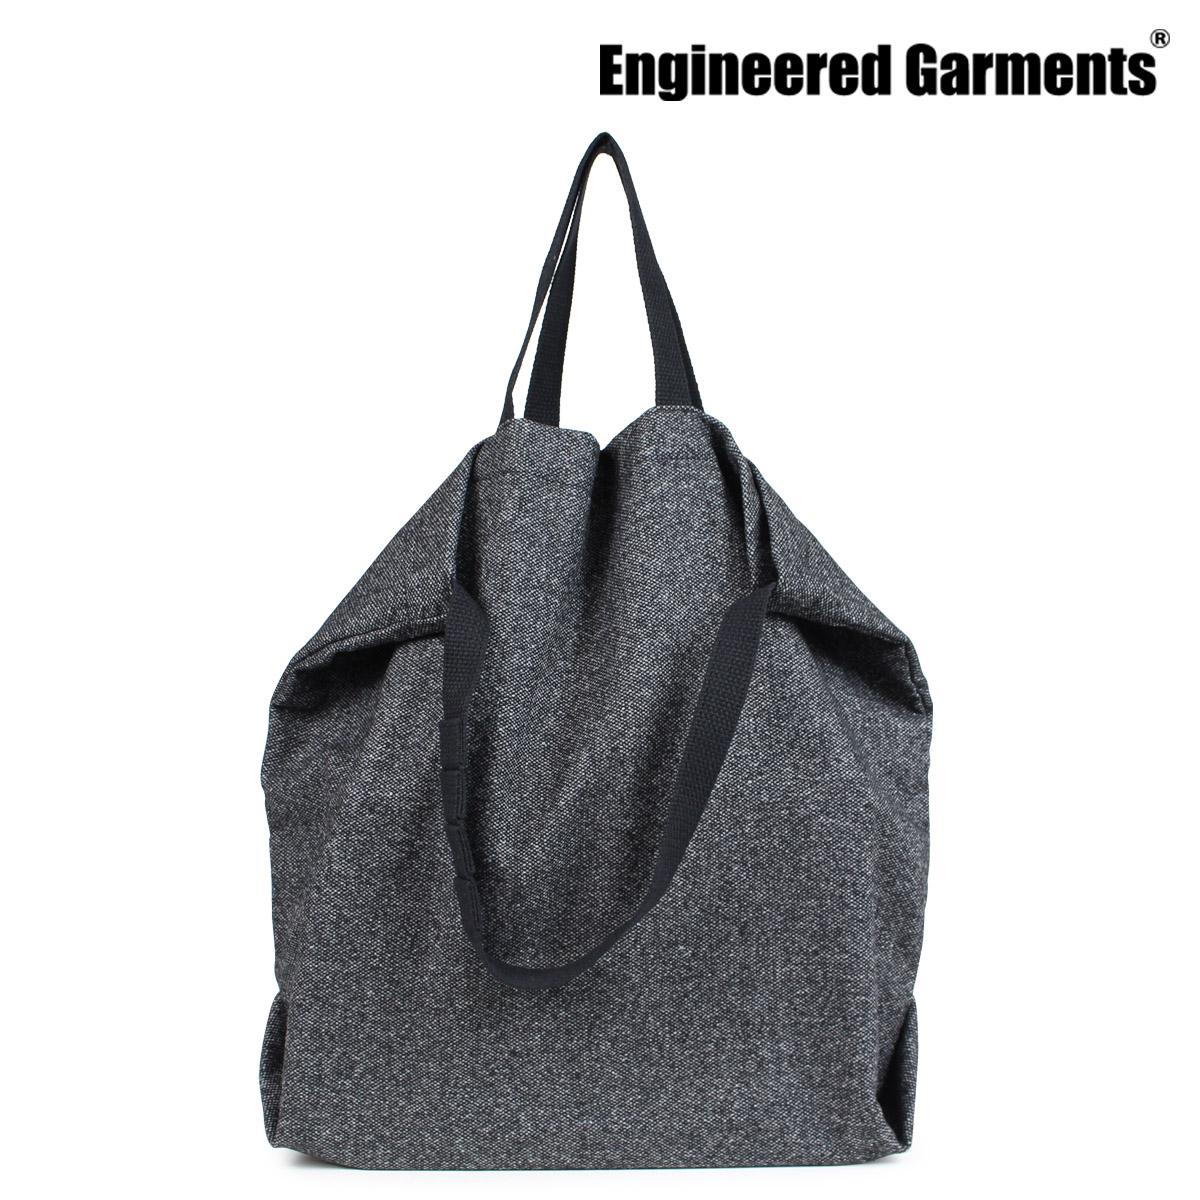 ENGINEERED GARMENTS エンジニアドガーメンツ バッグ メンズ レディース トートバッグ ショルダー CARRY ALL TOTE W STRAP グレー [10/4 新入荷]